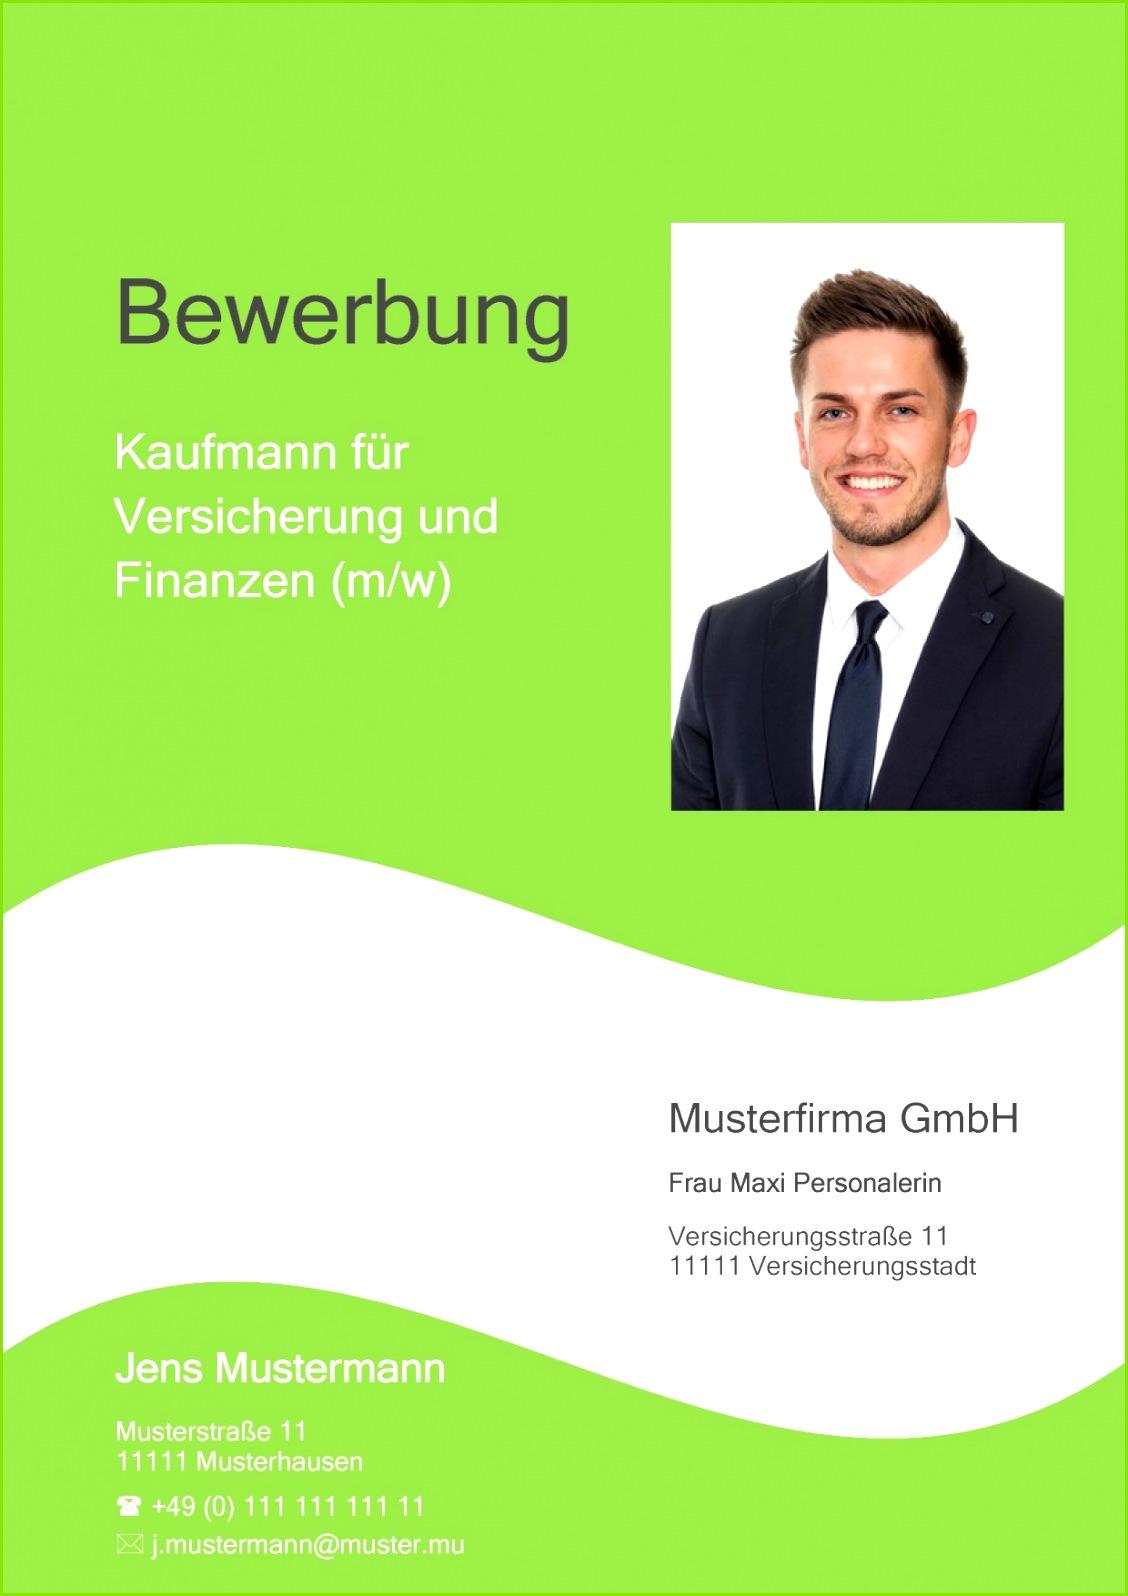 Deckblatt Bewerbung 01 Bewerbungsdeckblatt Kaufmann